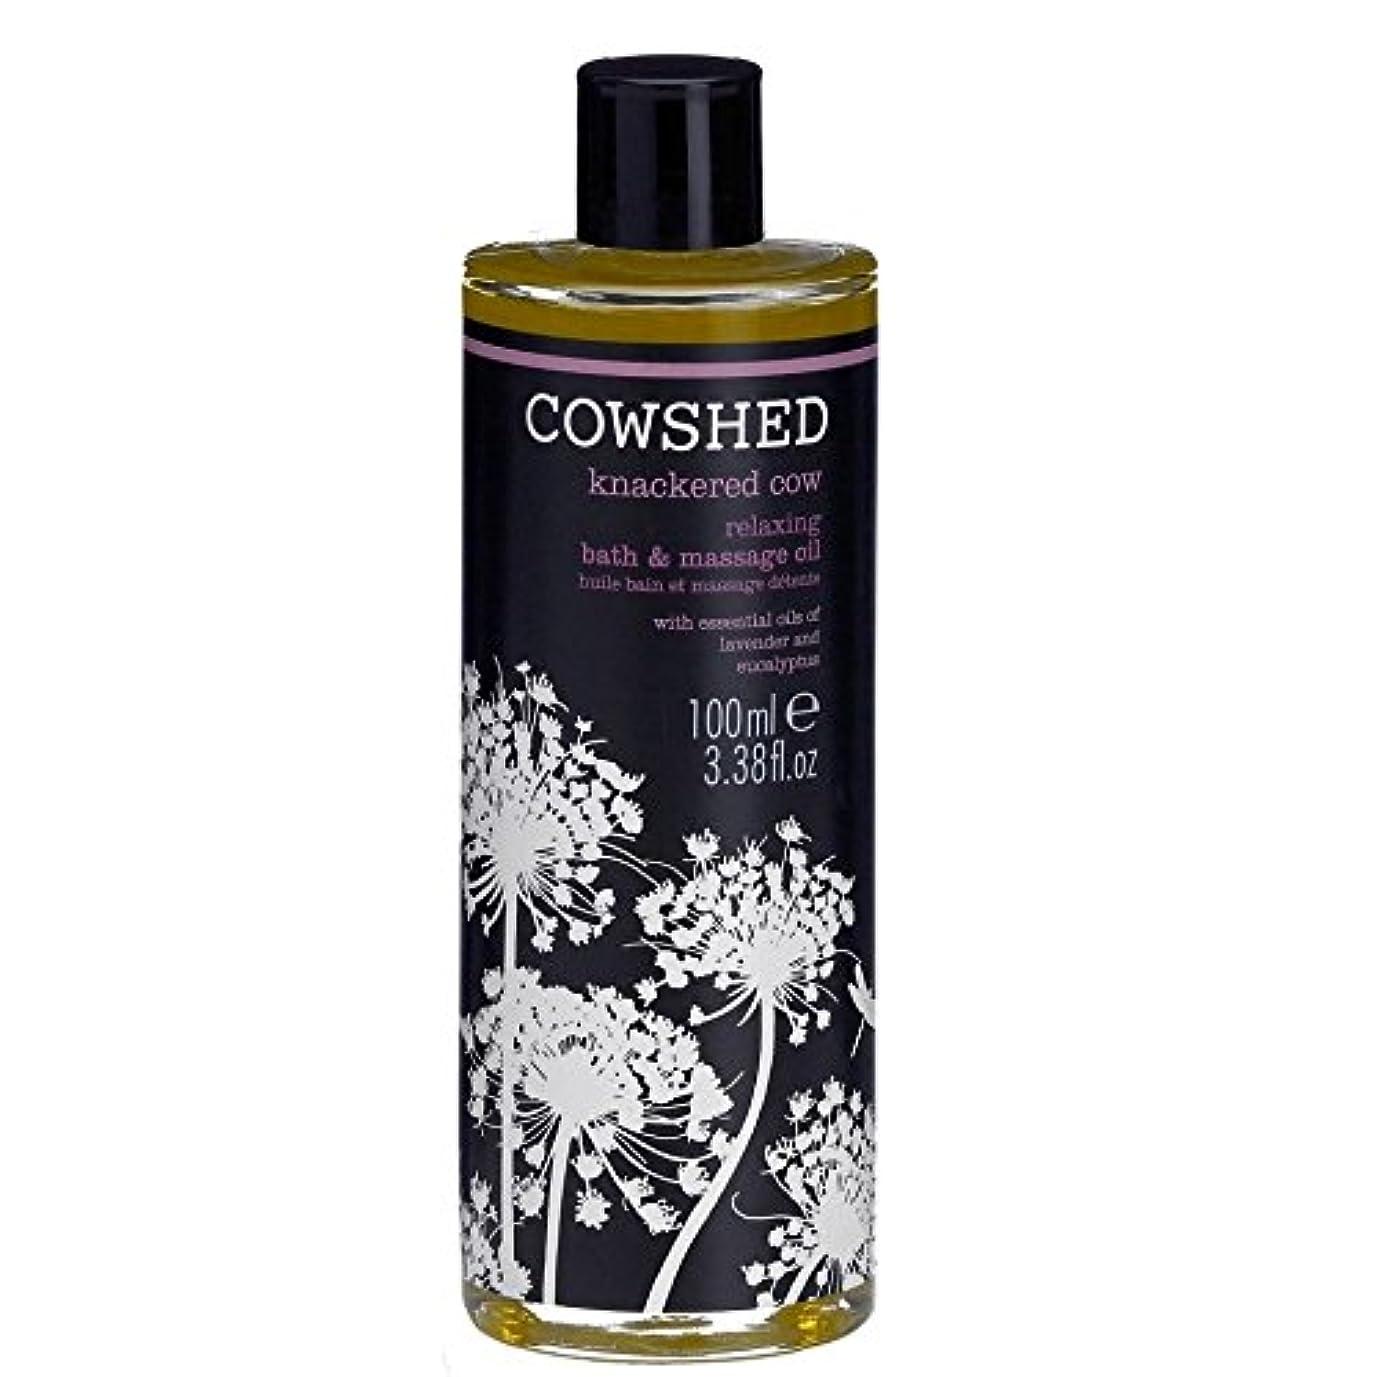 持続的定義する堂々たるCowshed Knackered Cow Relaxing Bath and Body Oil 100ml - 牛舎にはバスタブとボディオイル100ミリリットルを緩和牛を [並行輸入品]